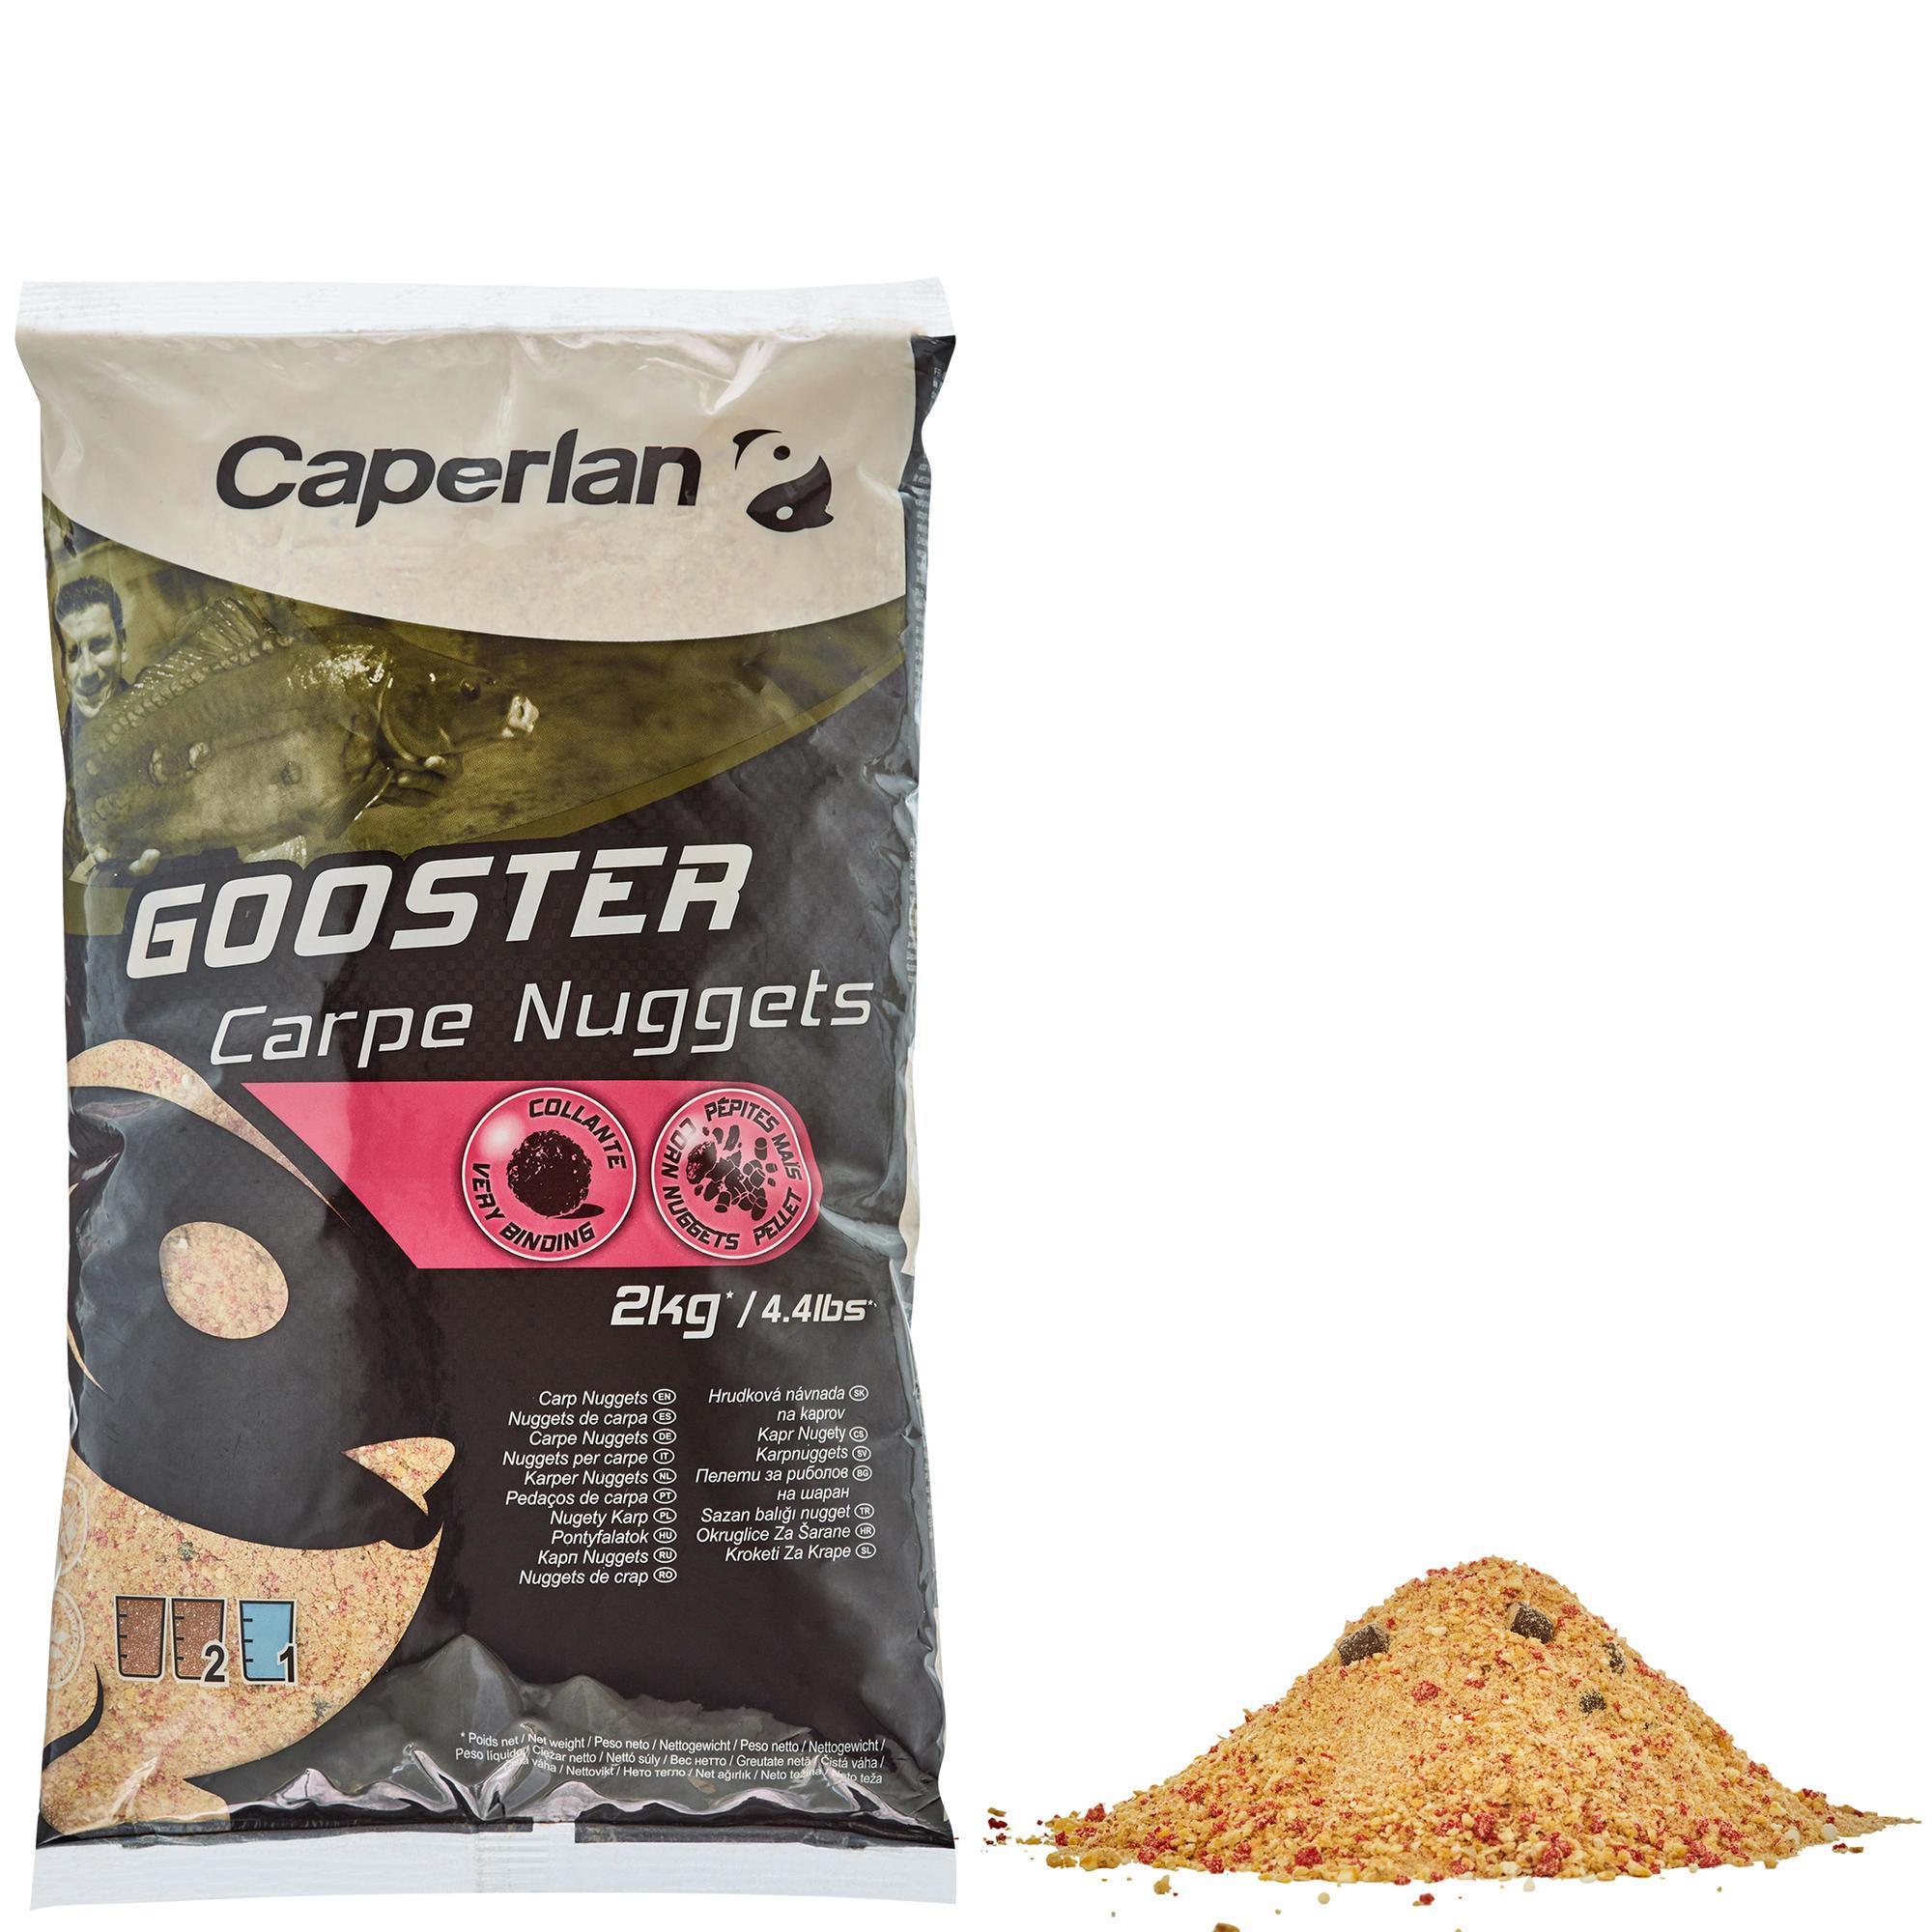 Caperlan Lokvoer voor statisch bodemvissen Gooster karper nuggets 2 kg